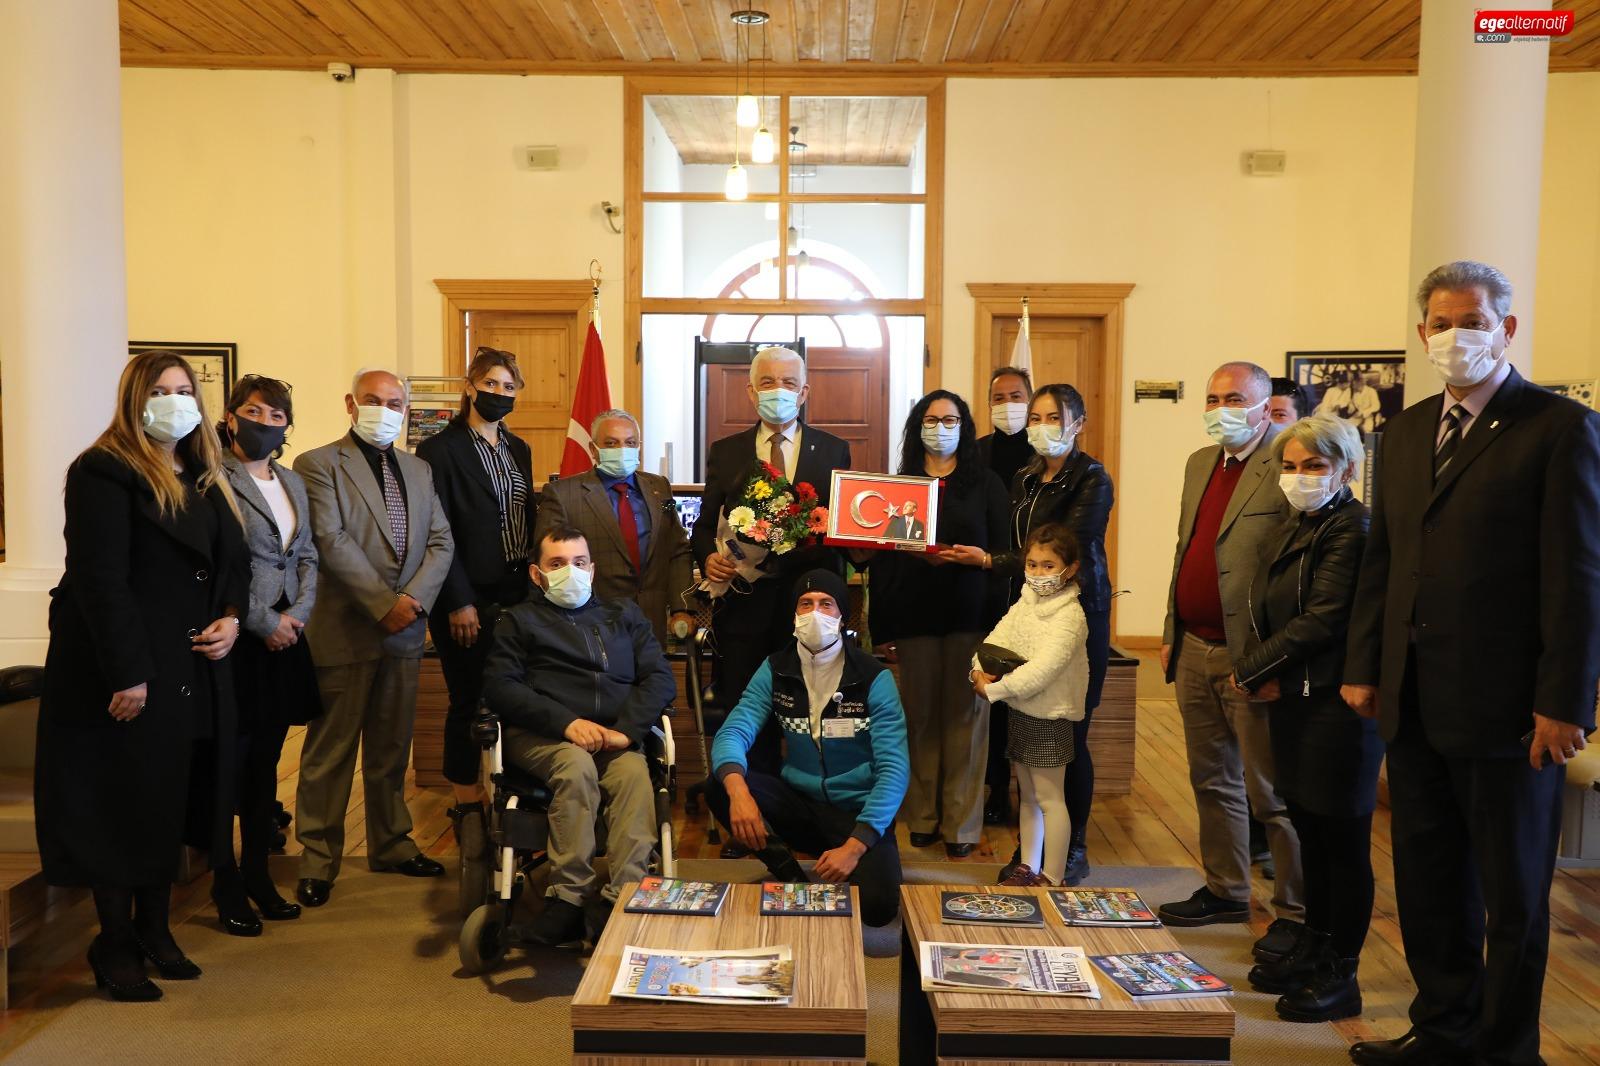 Engelli ve Aileleri Birliği Derneği'nden Başkan Gürün'e Ziyaret